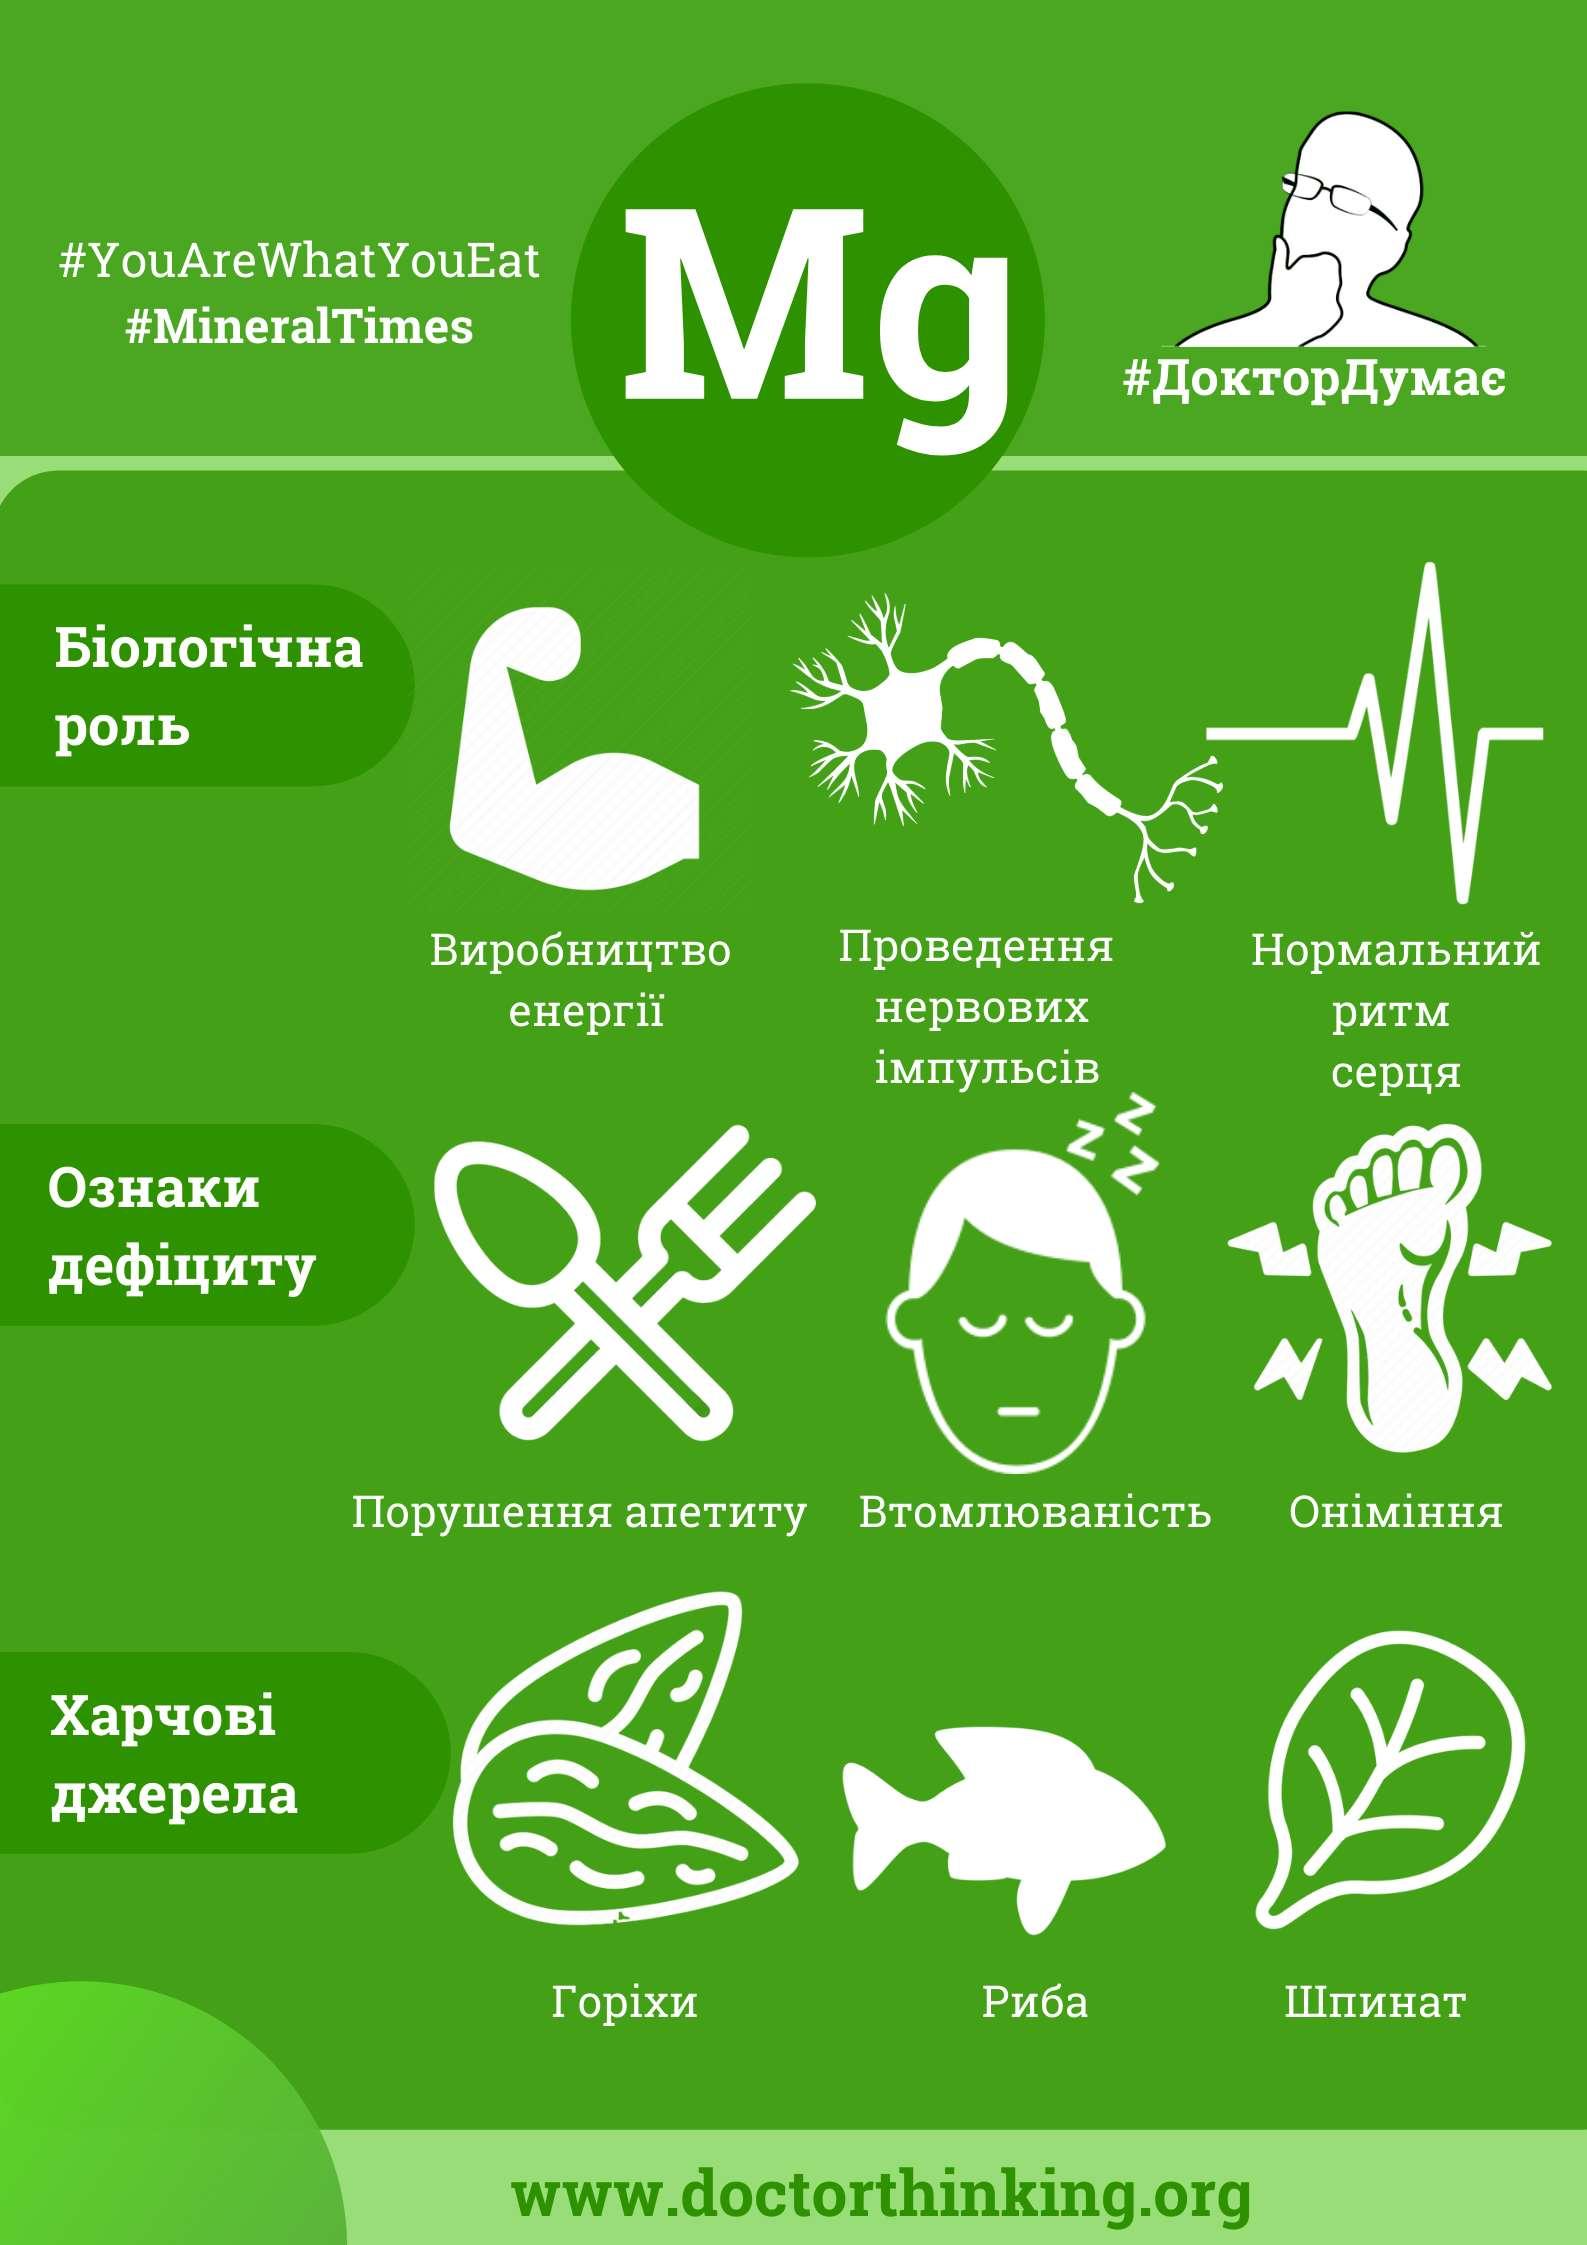 Магній інфографіка біологічна роль